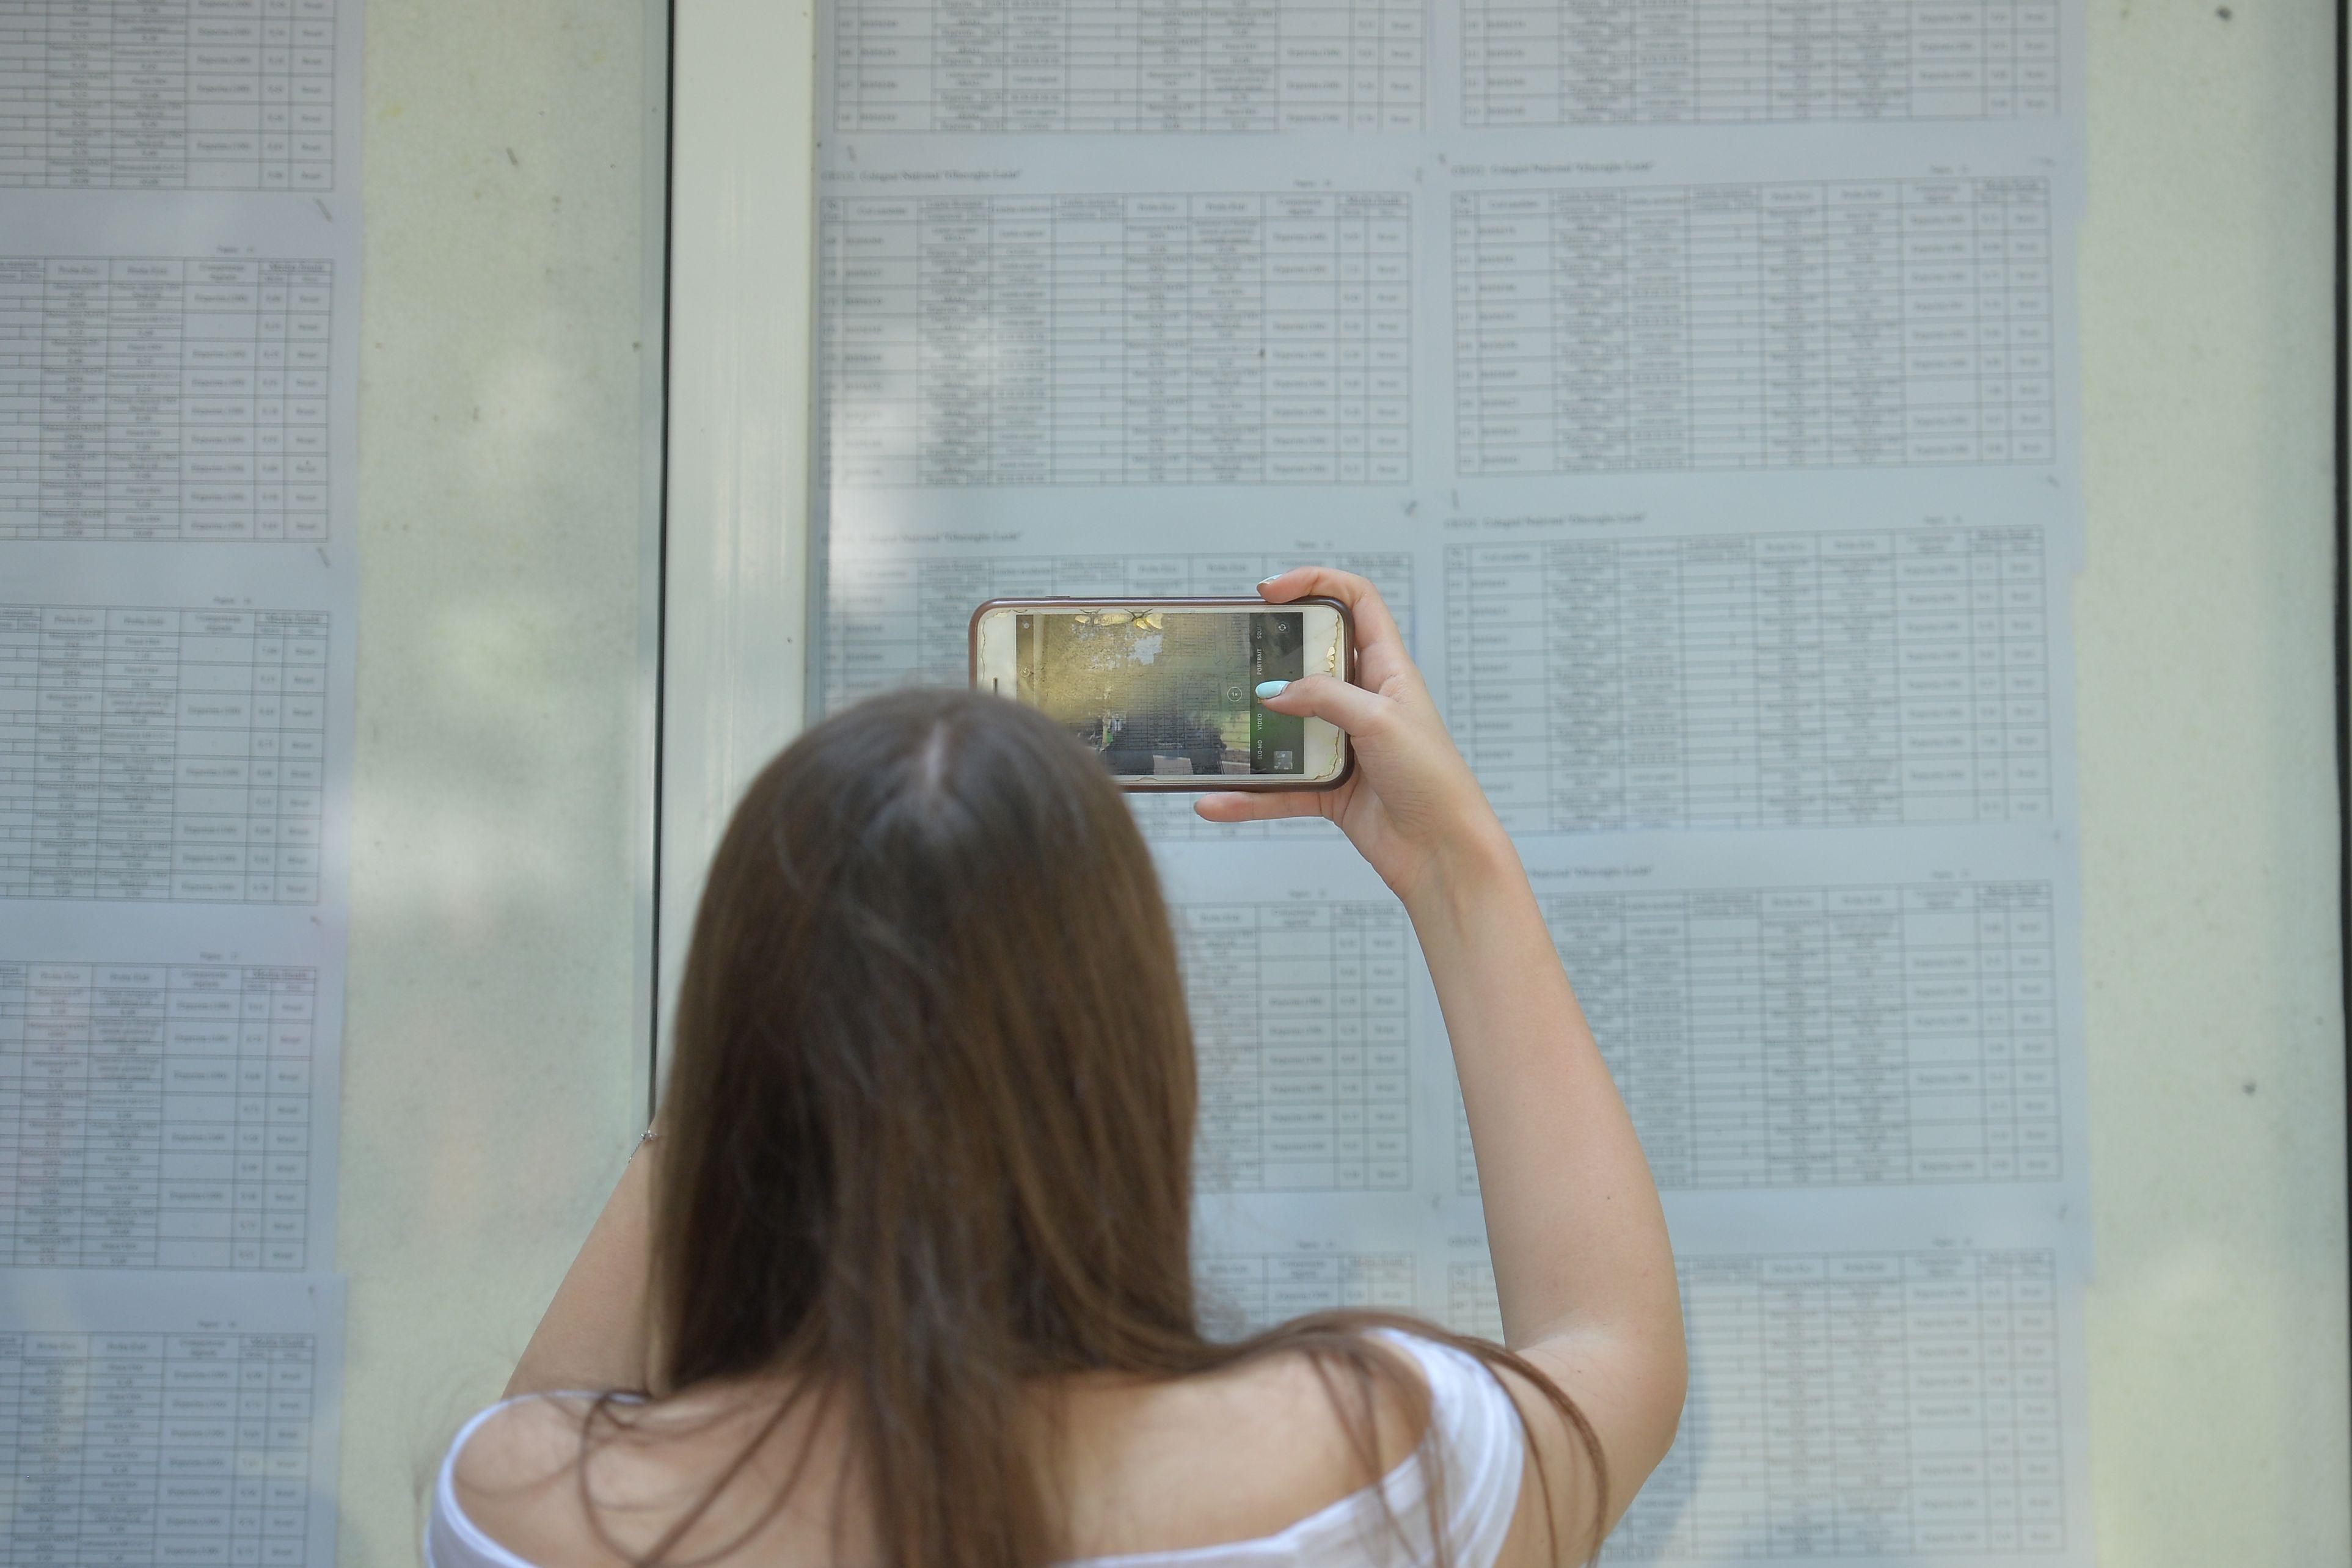 O elevă fotografiază rezultatele examenului